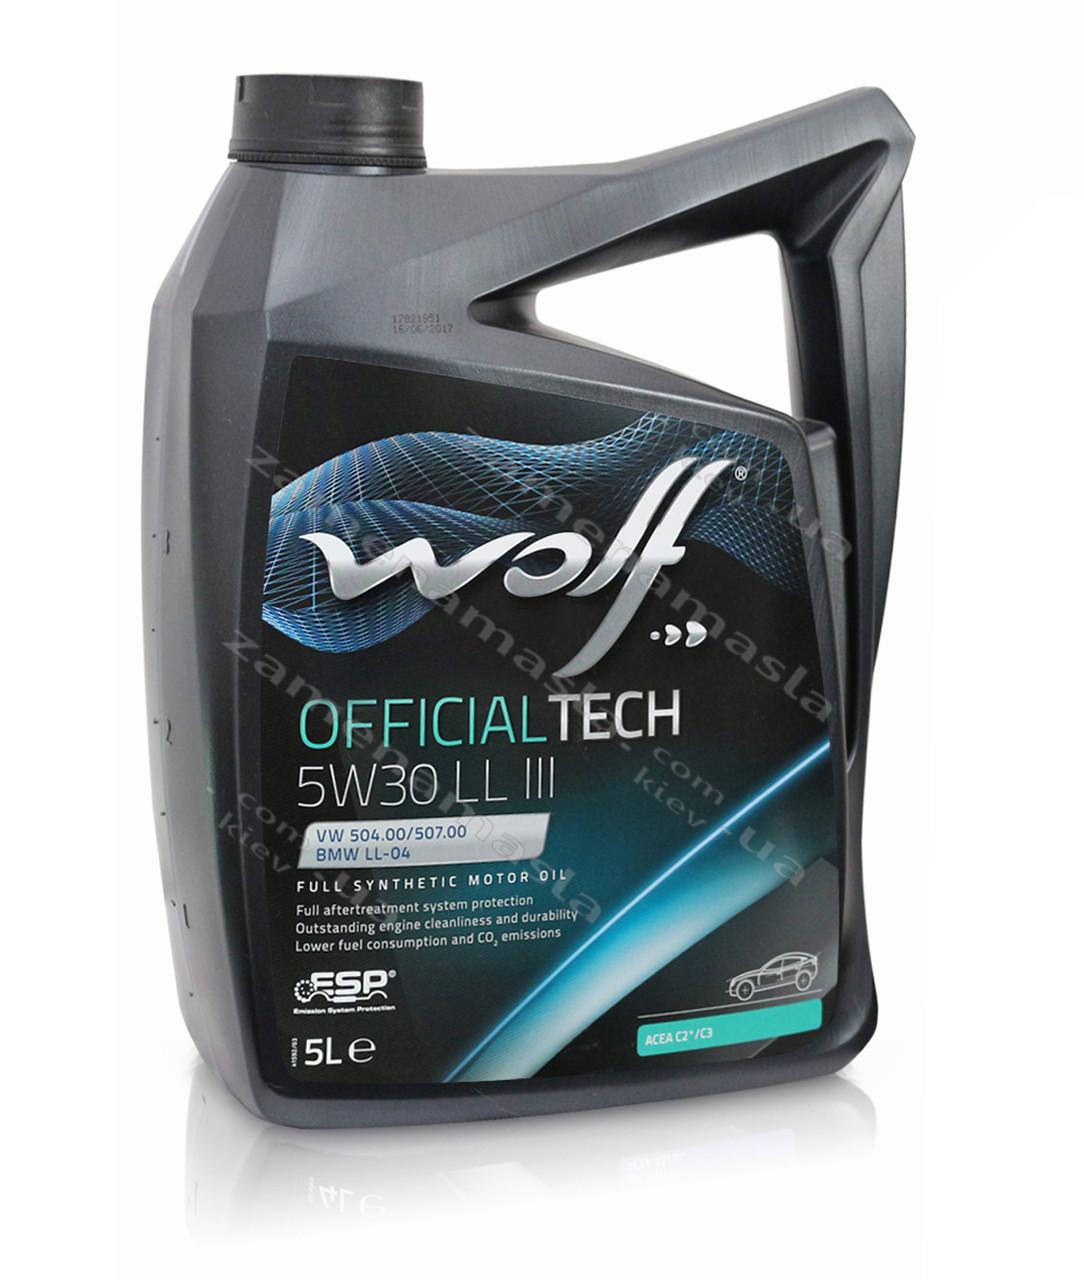 Wolf OFFICIALTECH 5W30 LL III 1л 5л - моторное масло